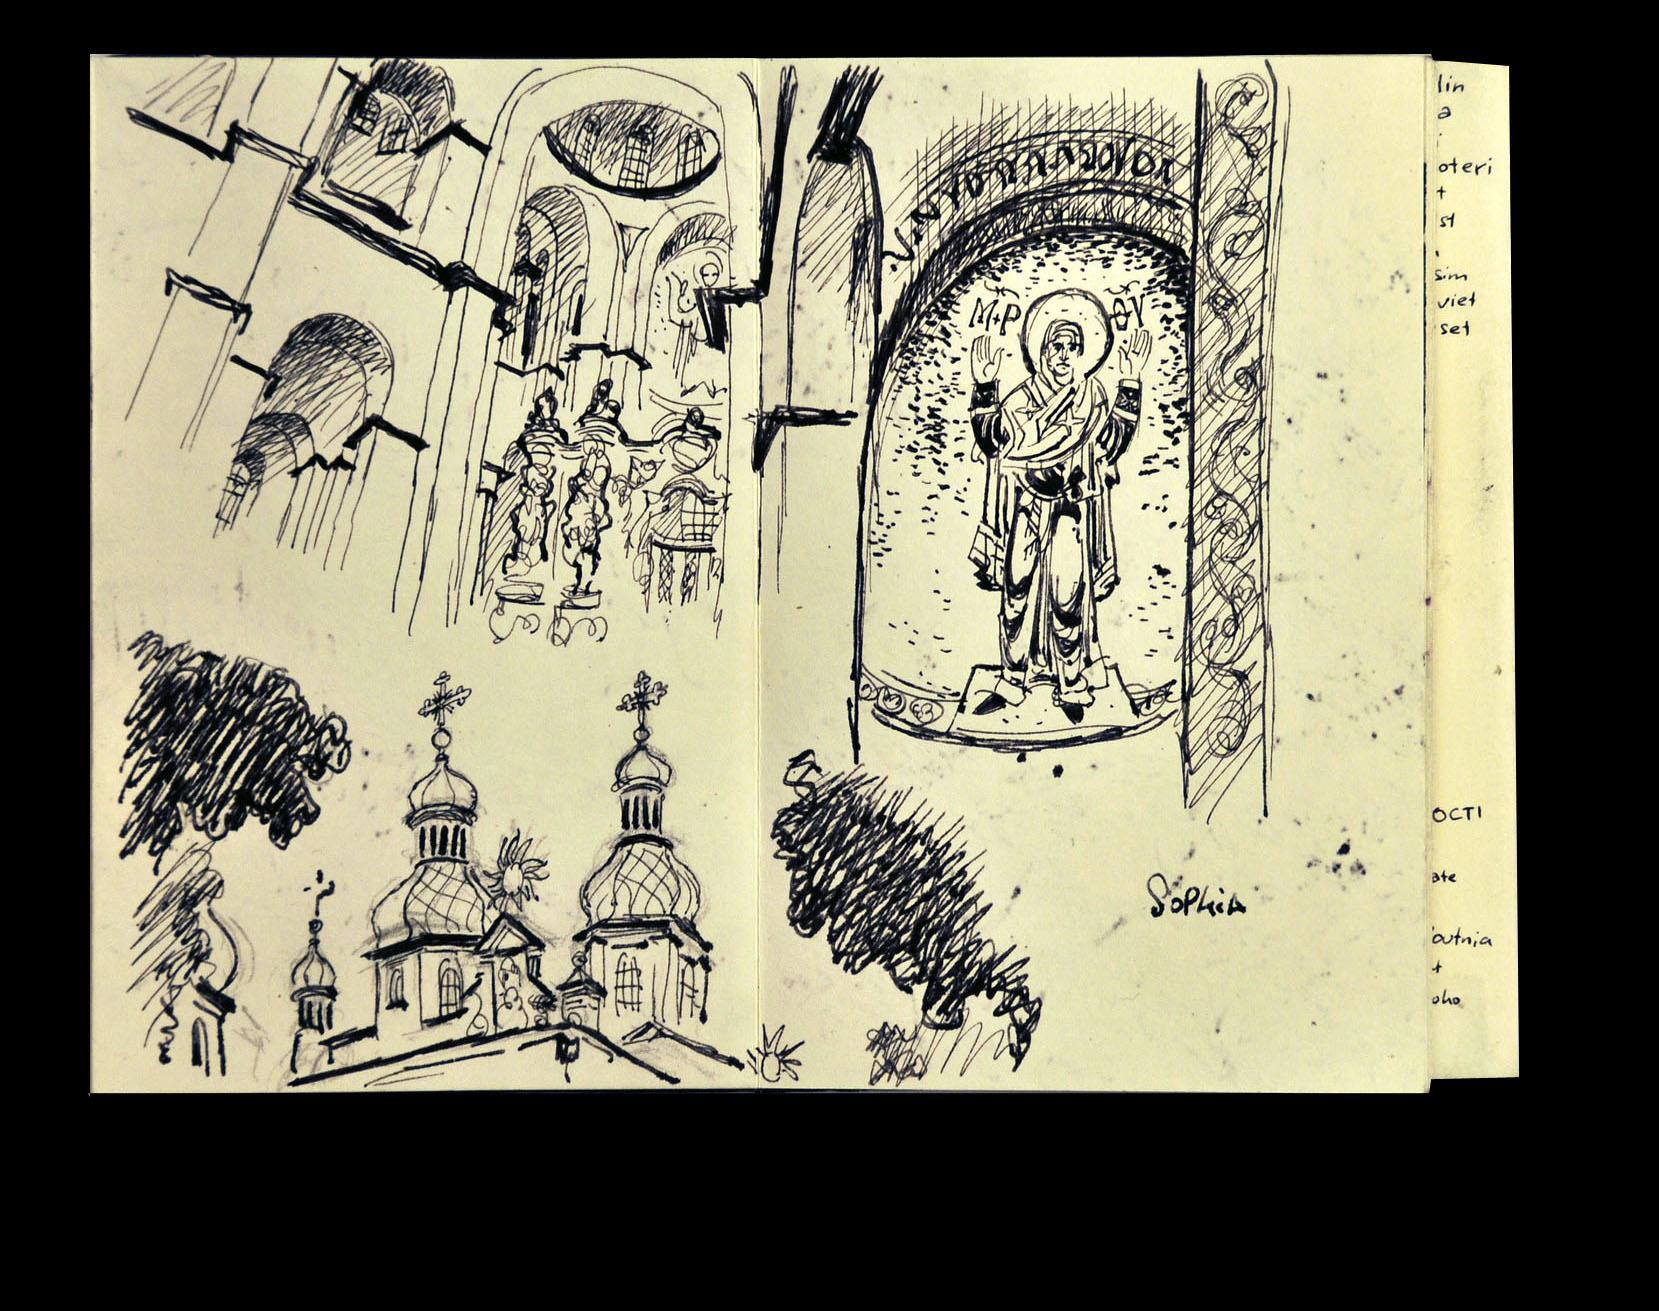 ulrich-schroeder_sketchbook_ukraine_1